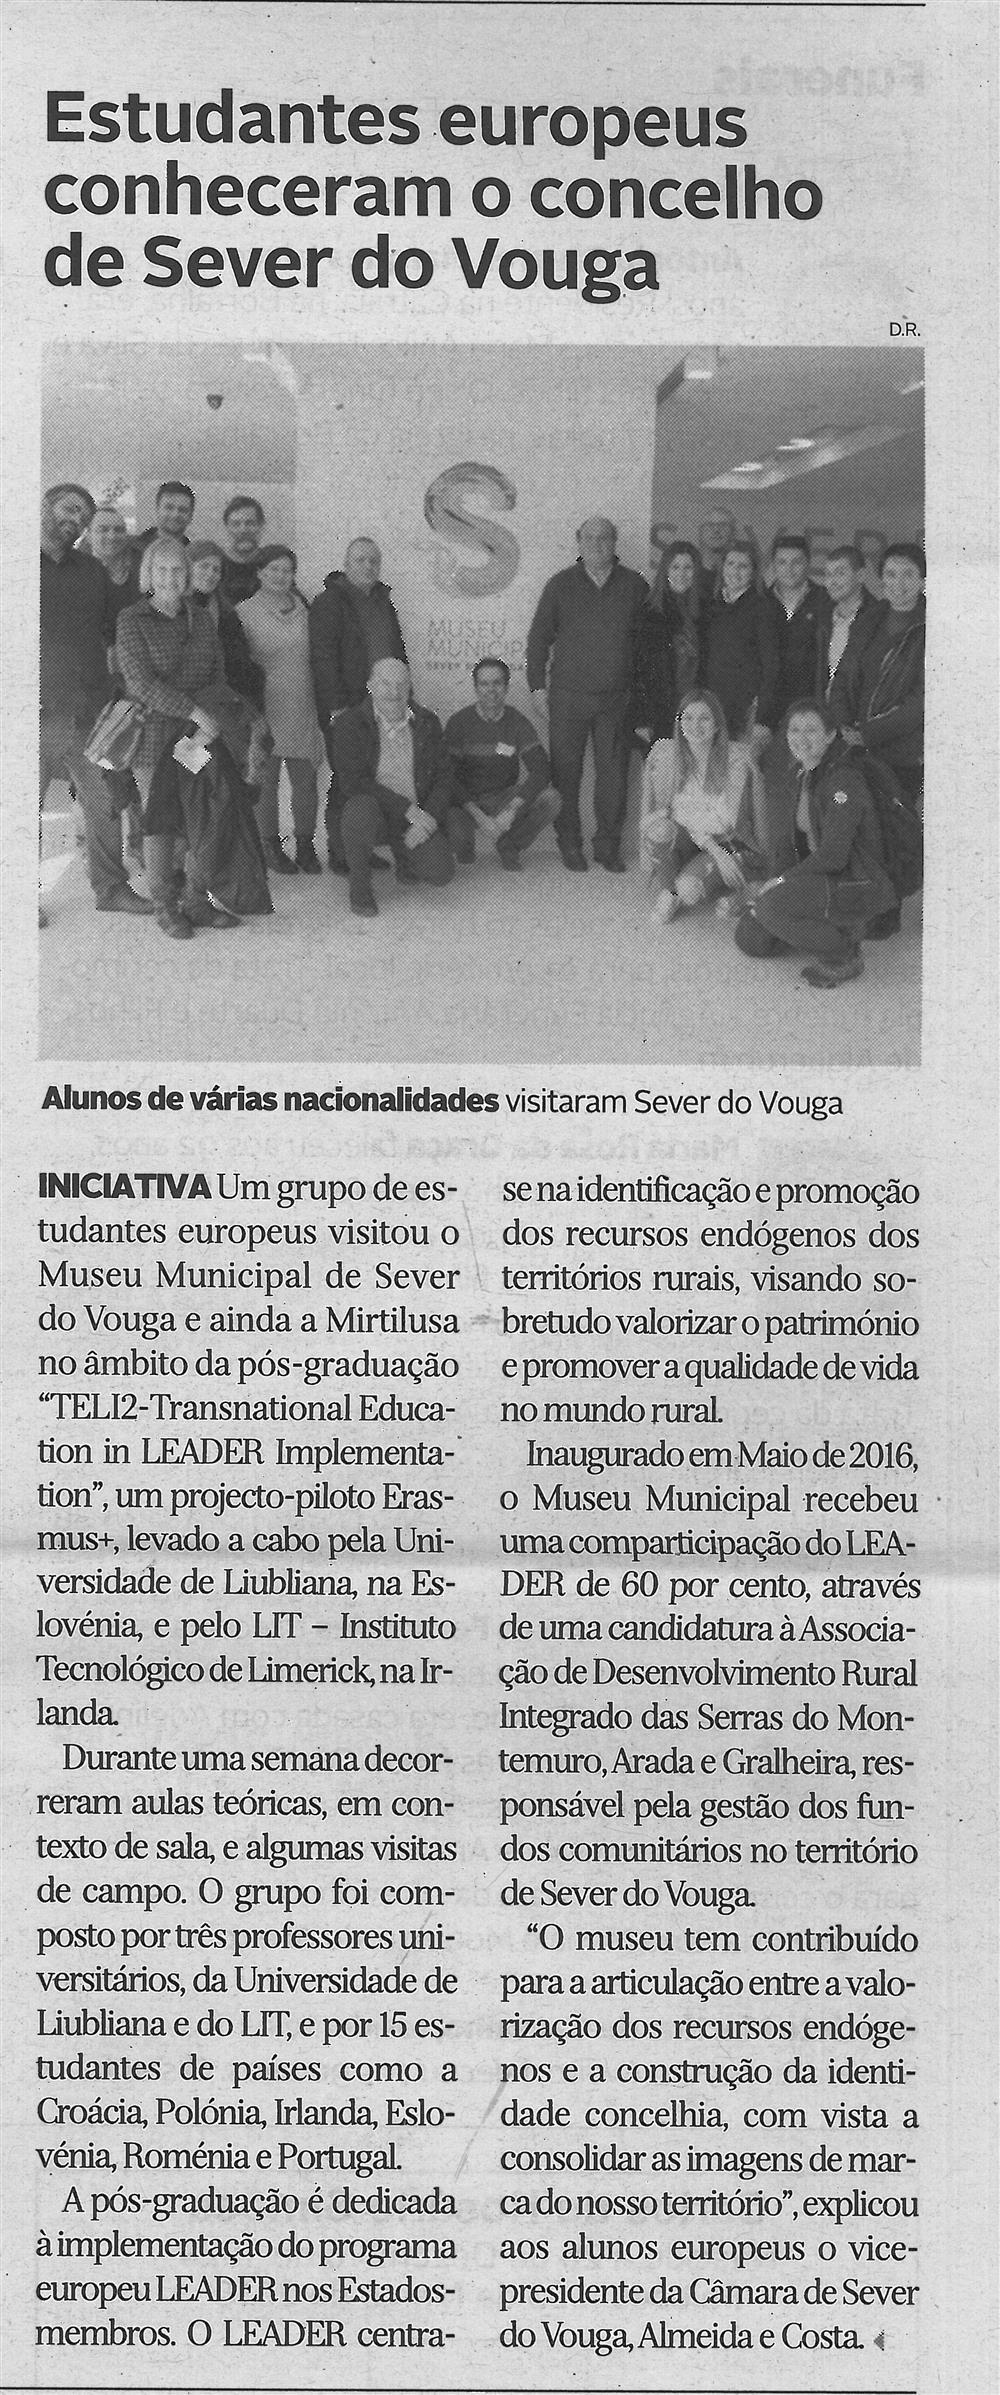 DA-09mar.'17-p.7-Estudantes europeus conheceram o Concelho de Sever do Vouga.jpg